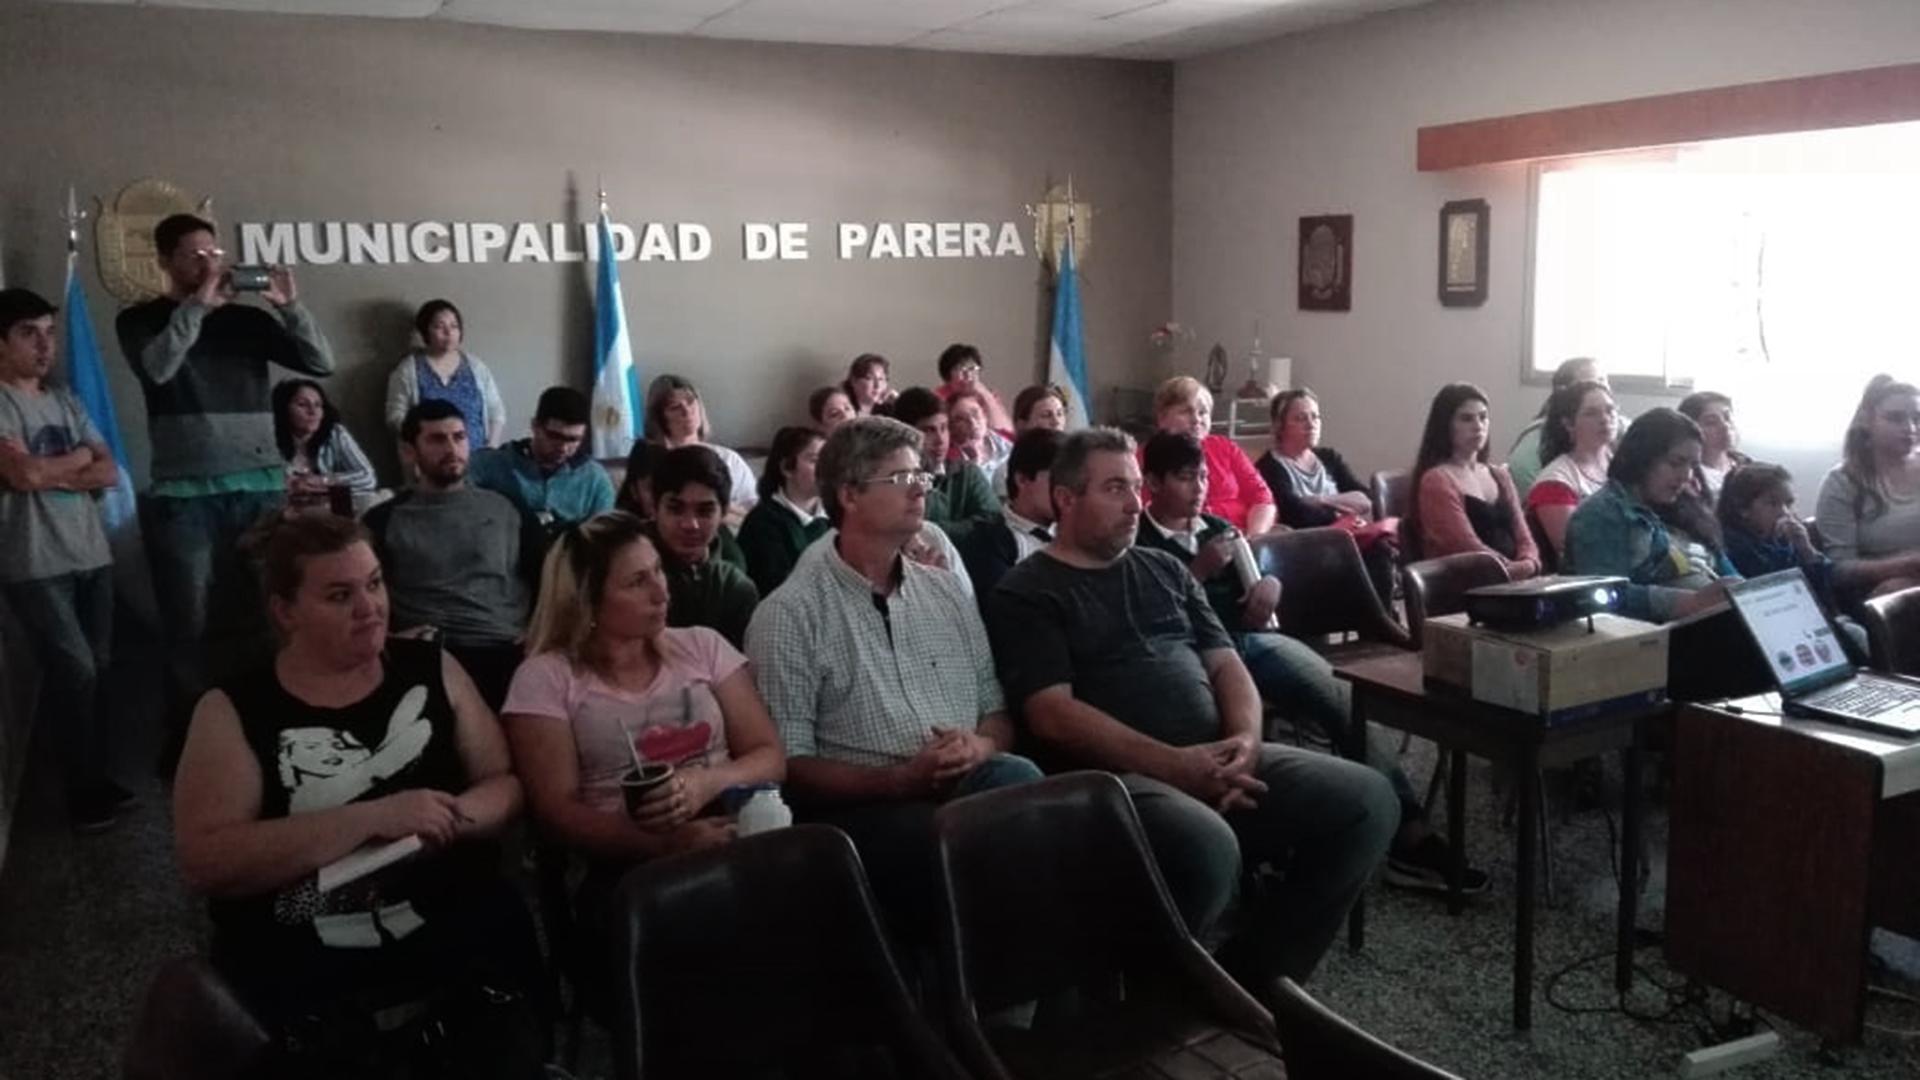 El Senasa explicó cómo optimizar la inocuidad al elaborar productos alimenticios en Parera